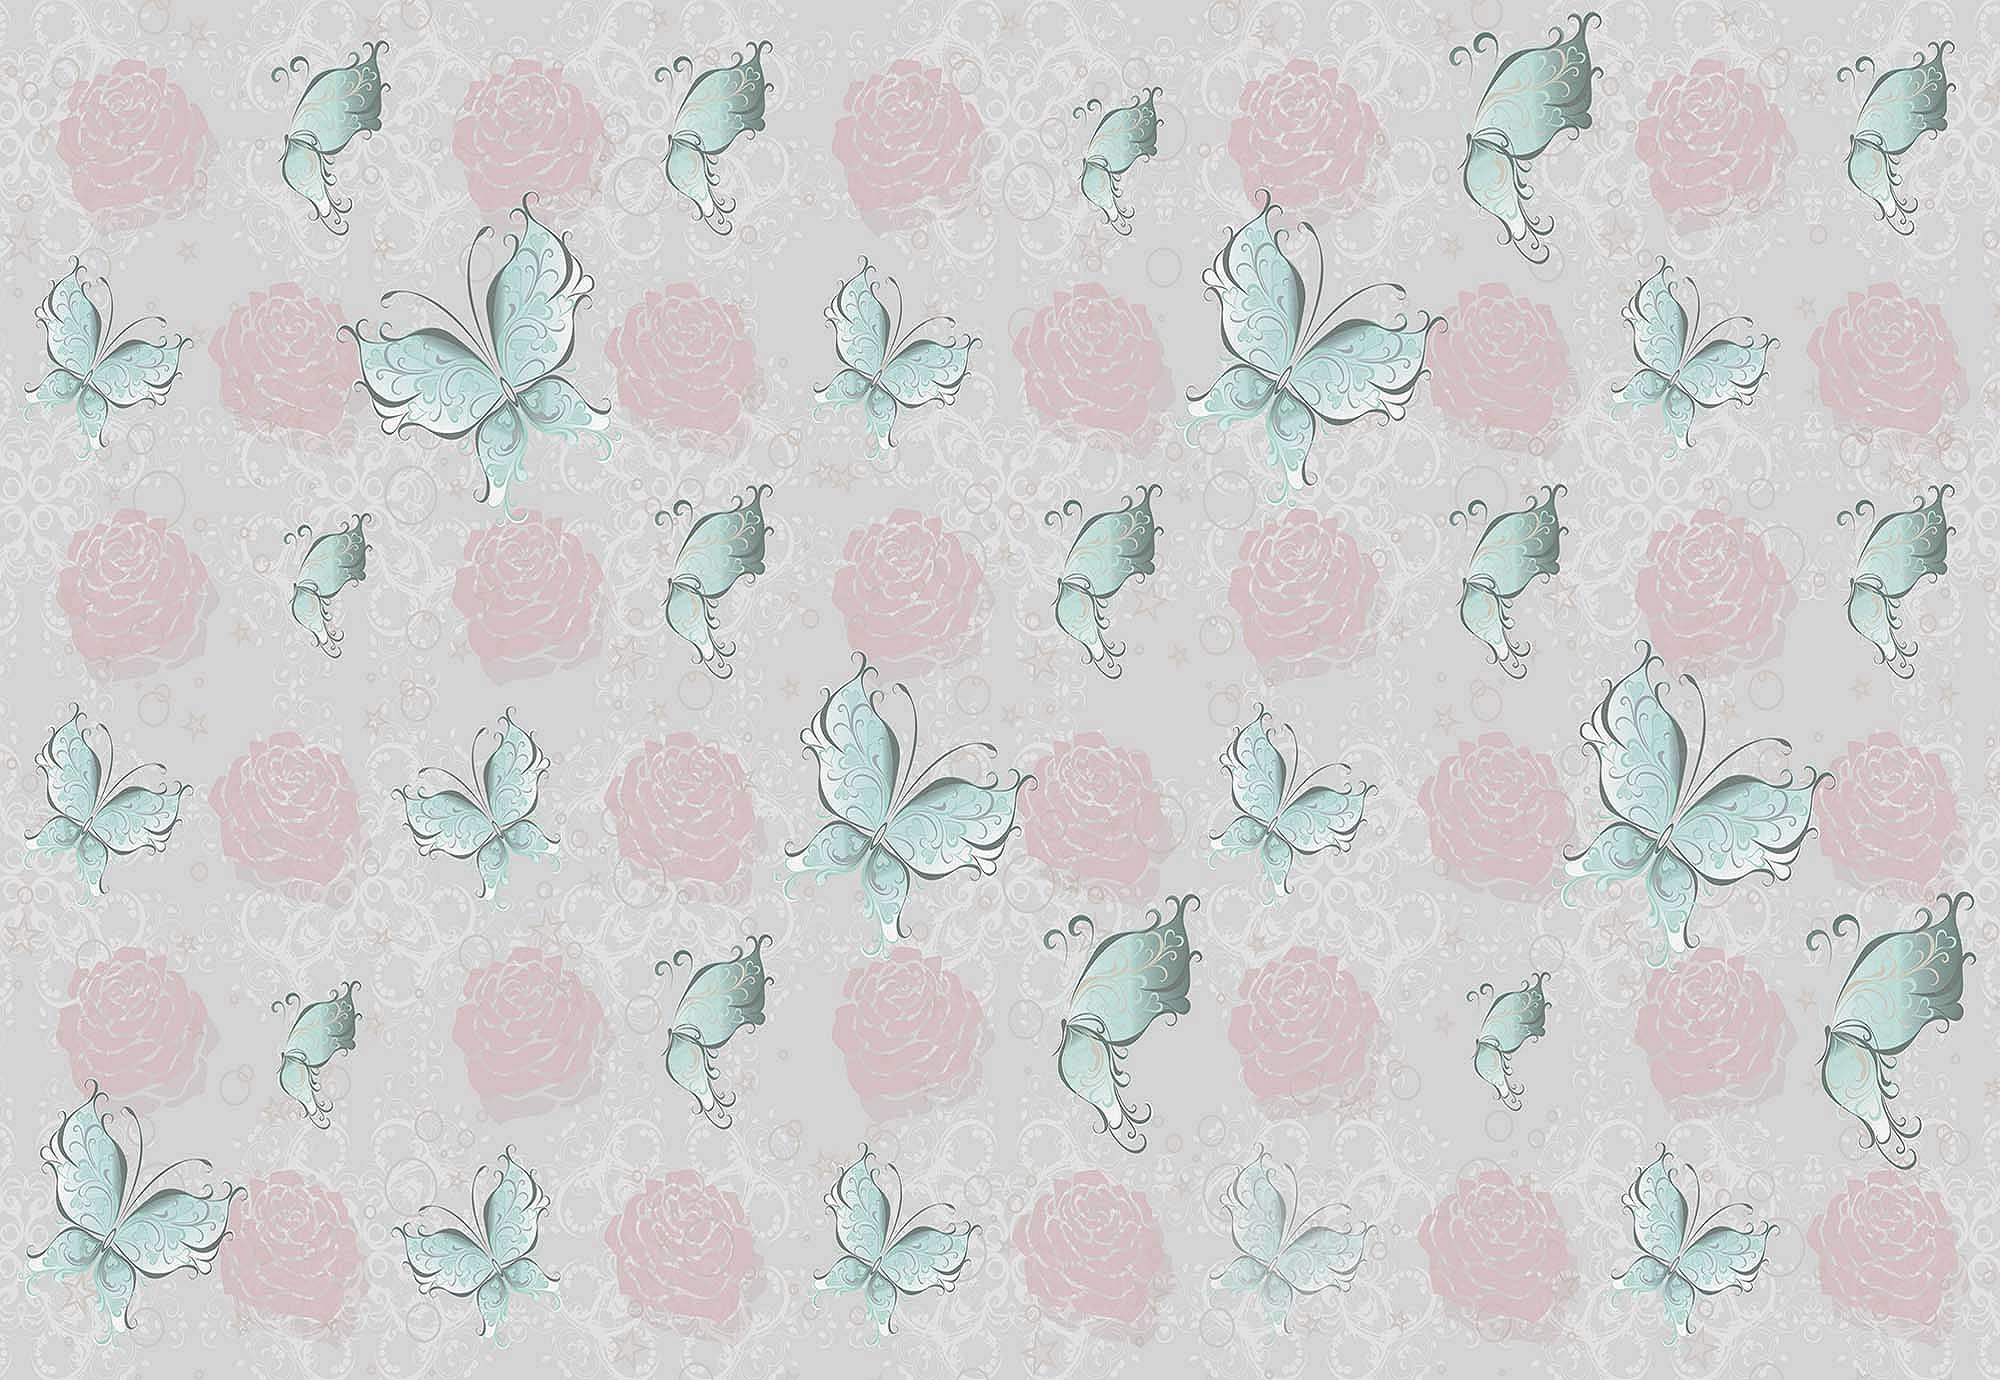 Fali poszter pillangó mintával lányos hangulatban